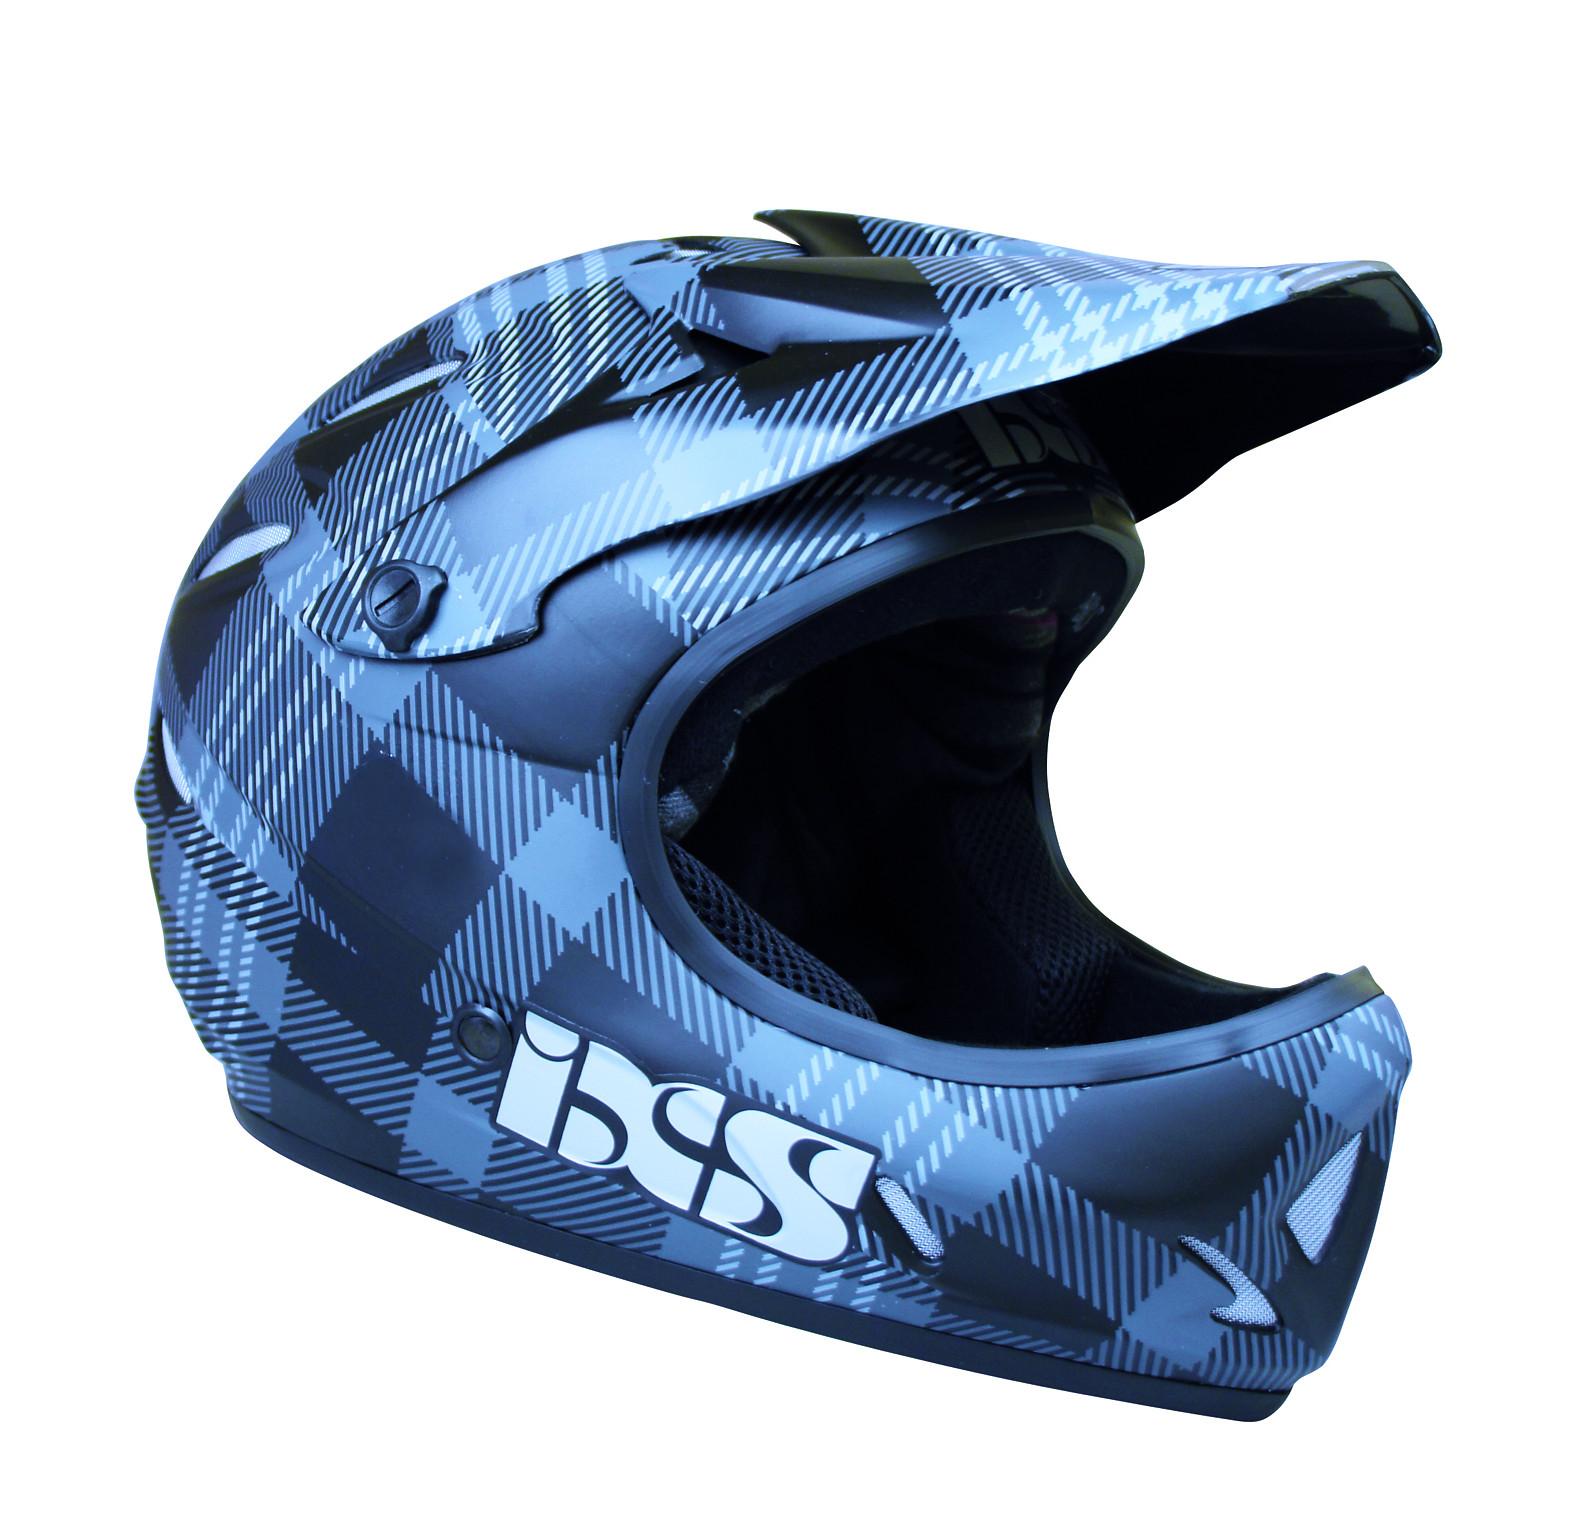 iXS Phobos Schleyer Full Face Helmet phobos schleyer 1